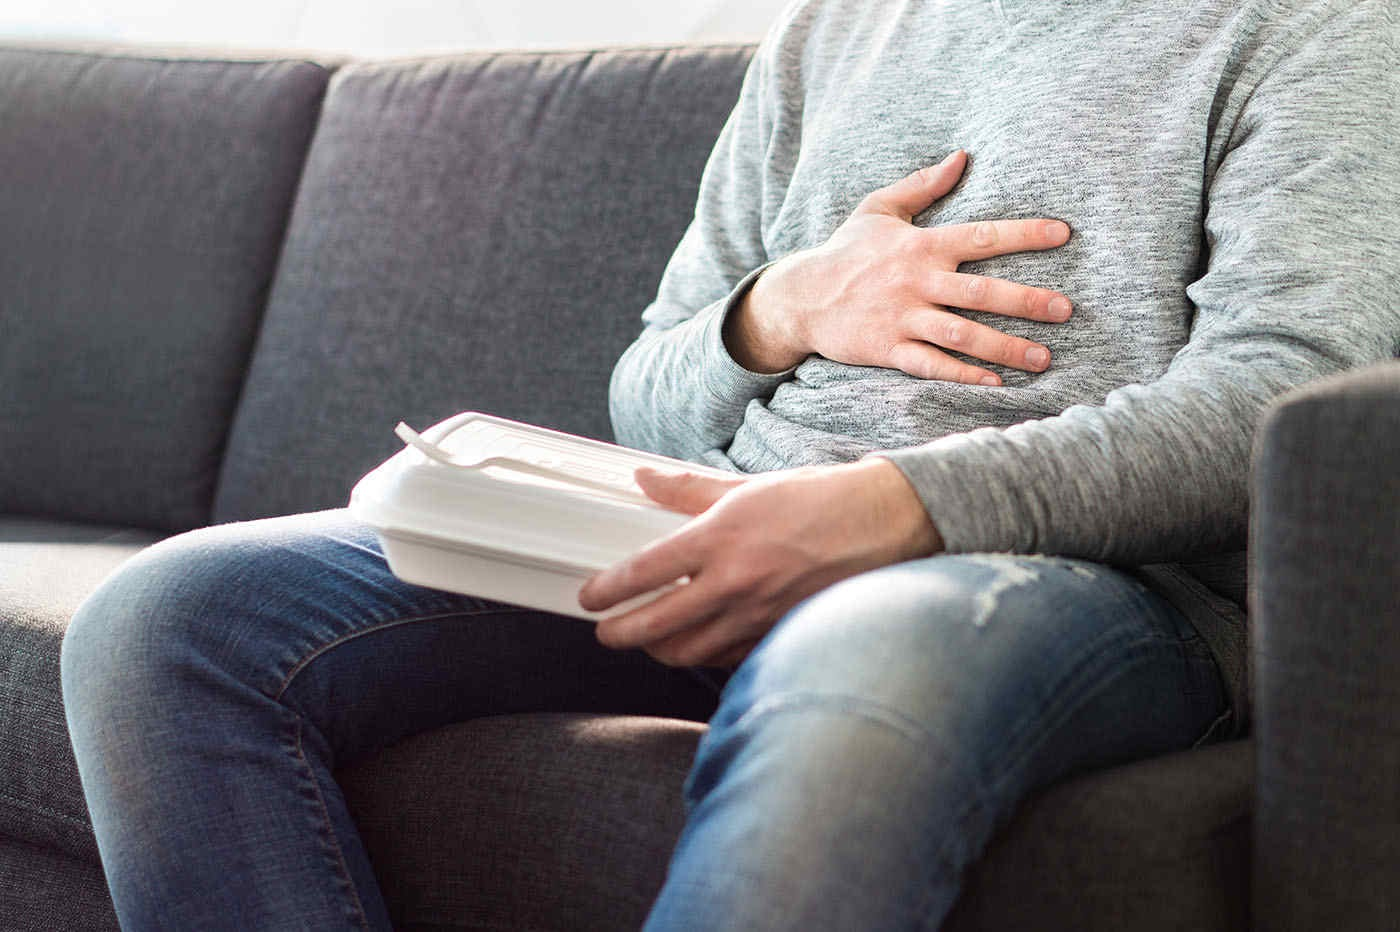 Arsurile gastrice pot fi un indicator pentru alte afecțiuni